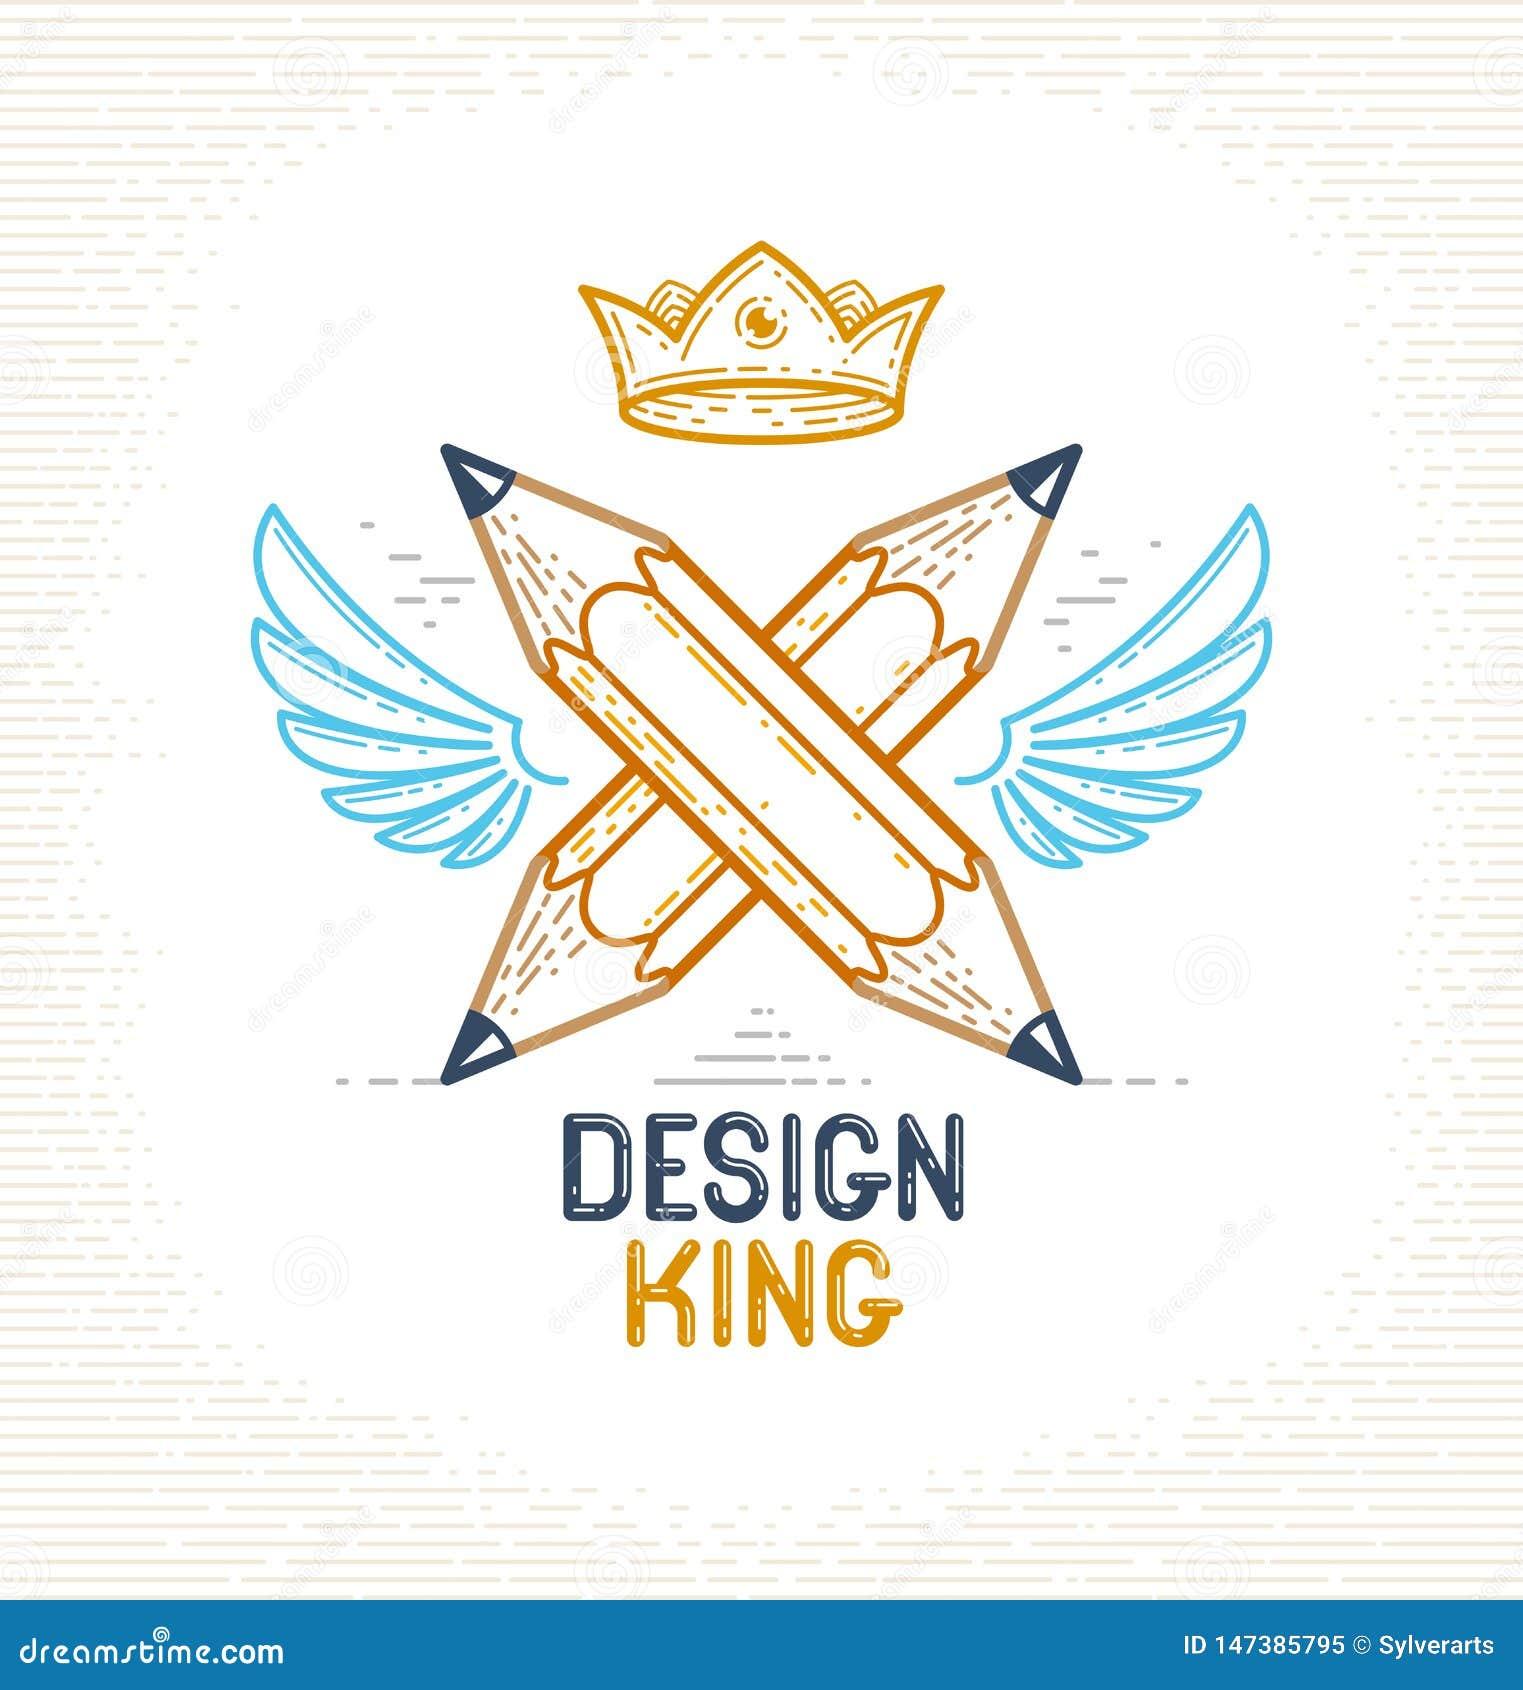 Twee kruisten potloden met vleugels en kroon, vector eenvoudig in embleem of pictogram voor ontwerper of studio, creatieve koning